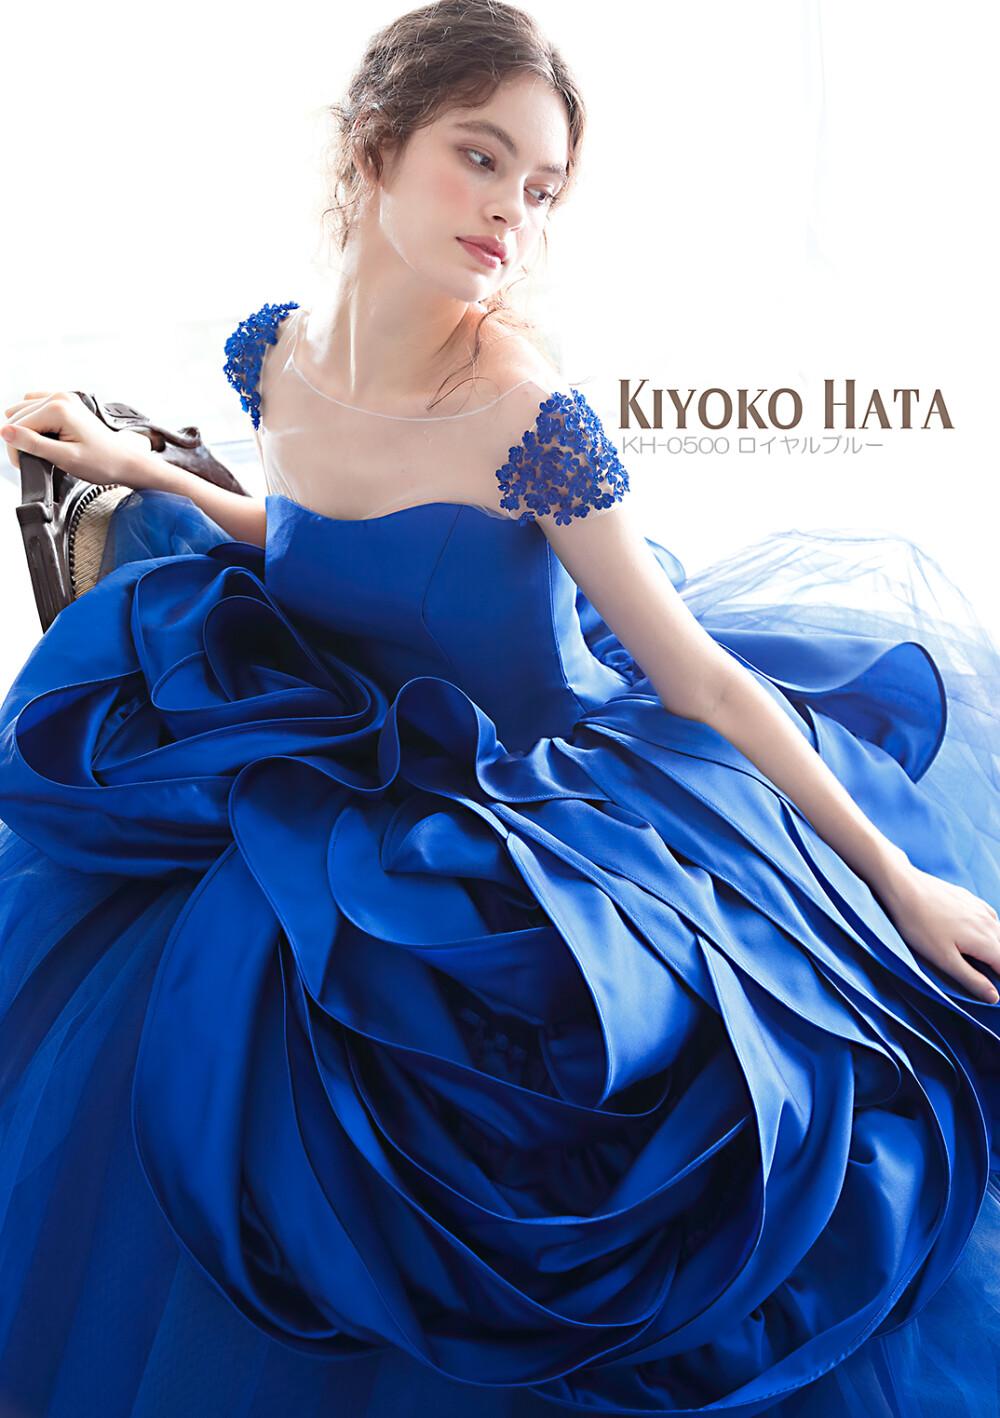 KIYOKO HATA(キヨコハタ)